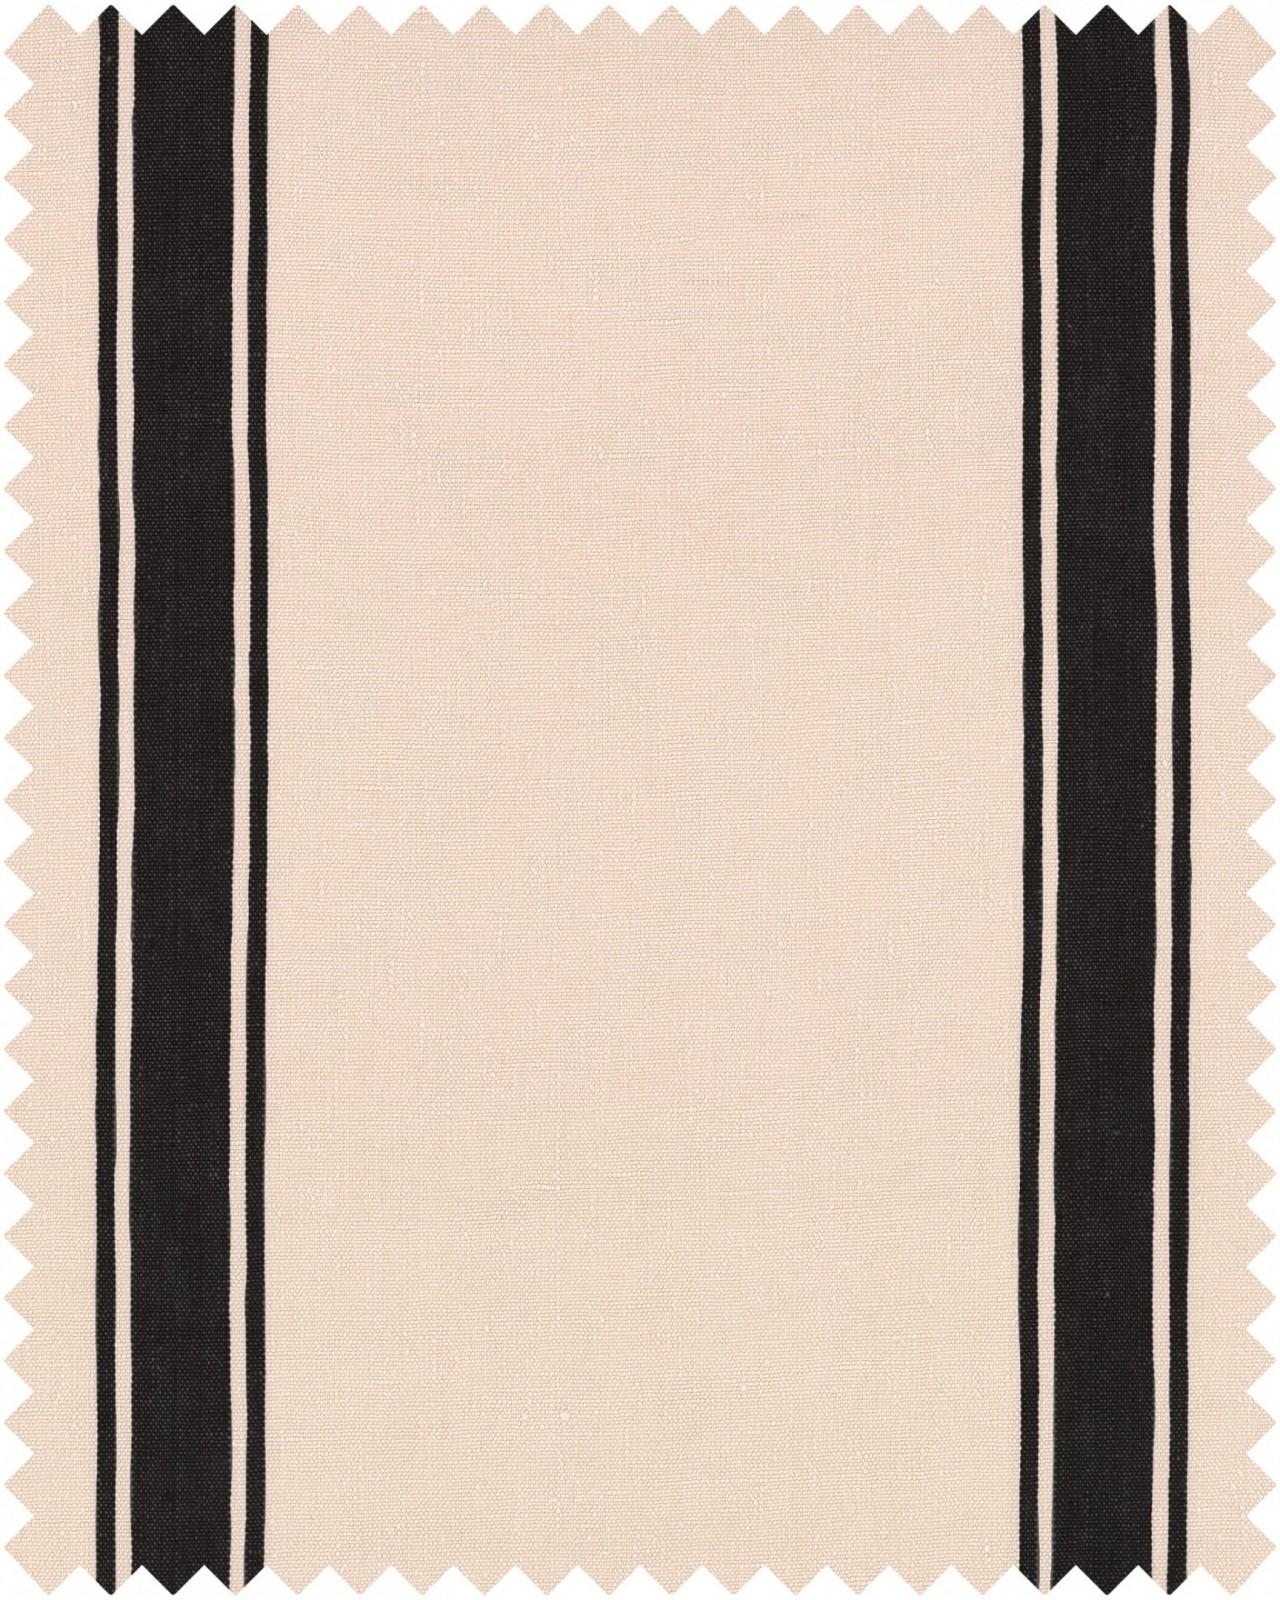 HAJDU STRIPE Heavy Linen Sample